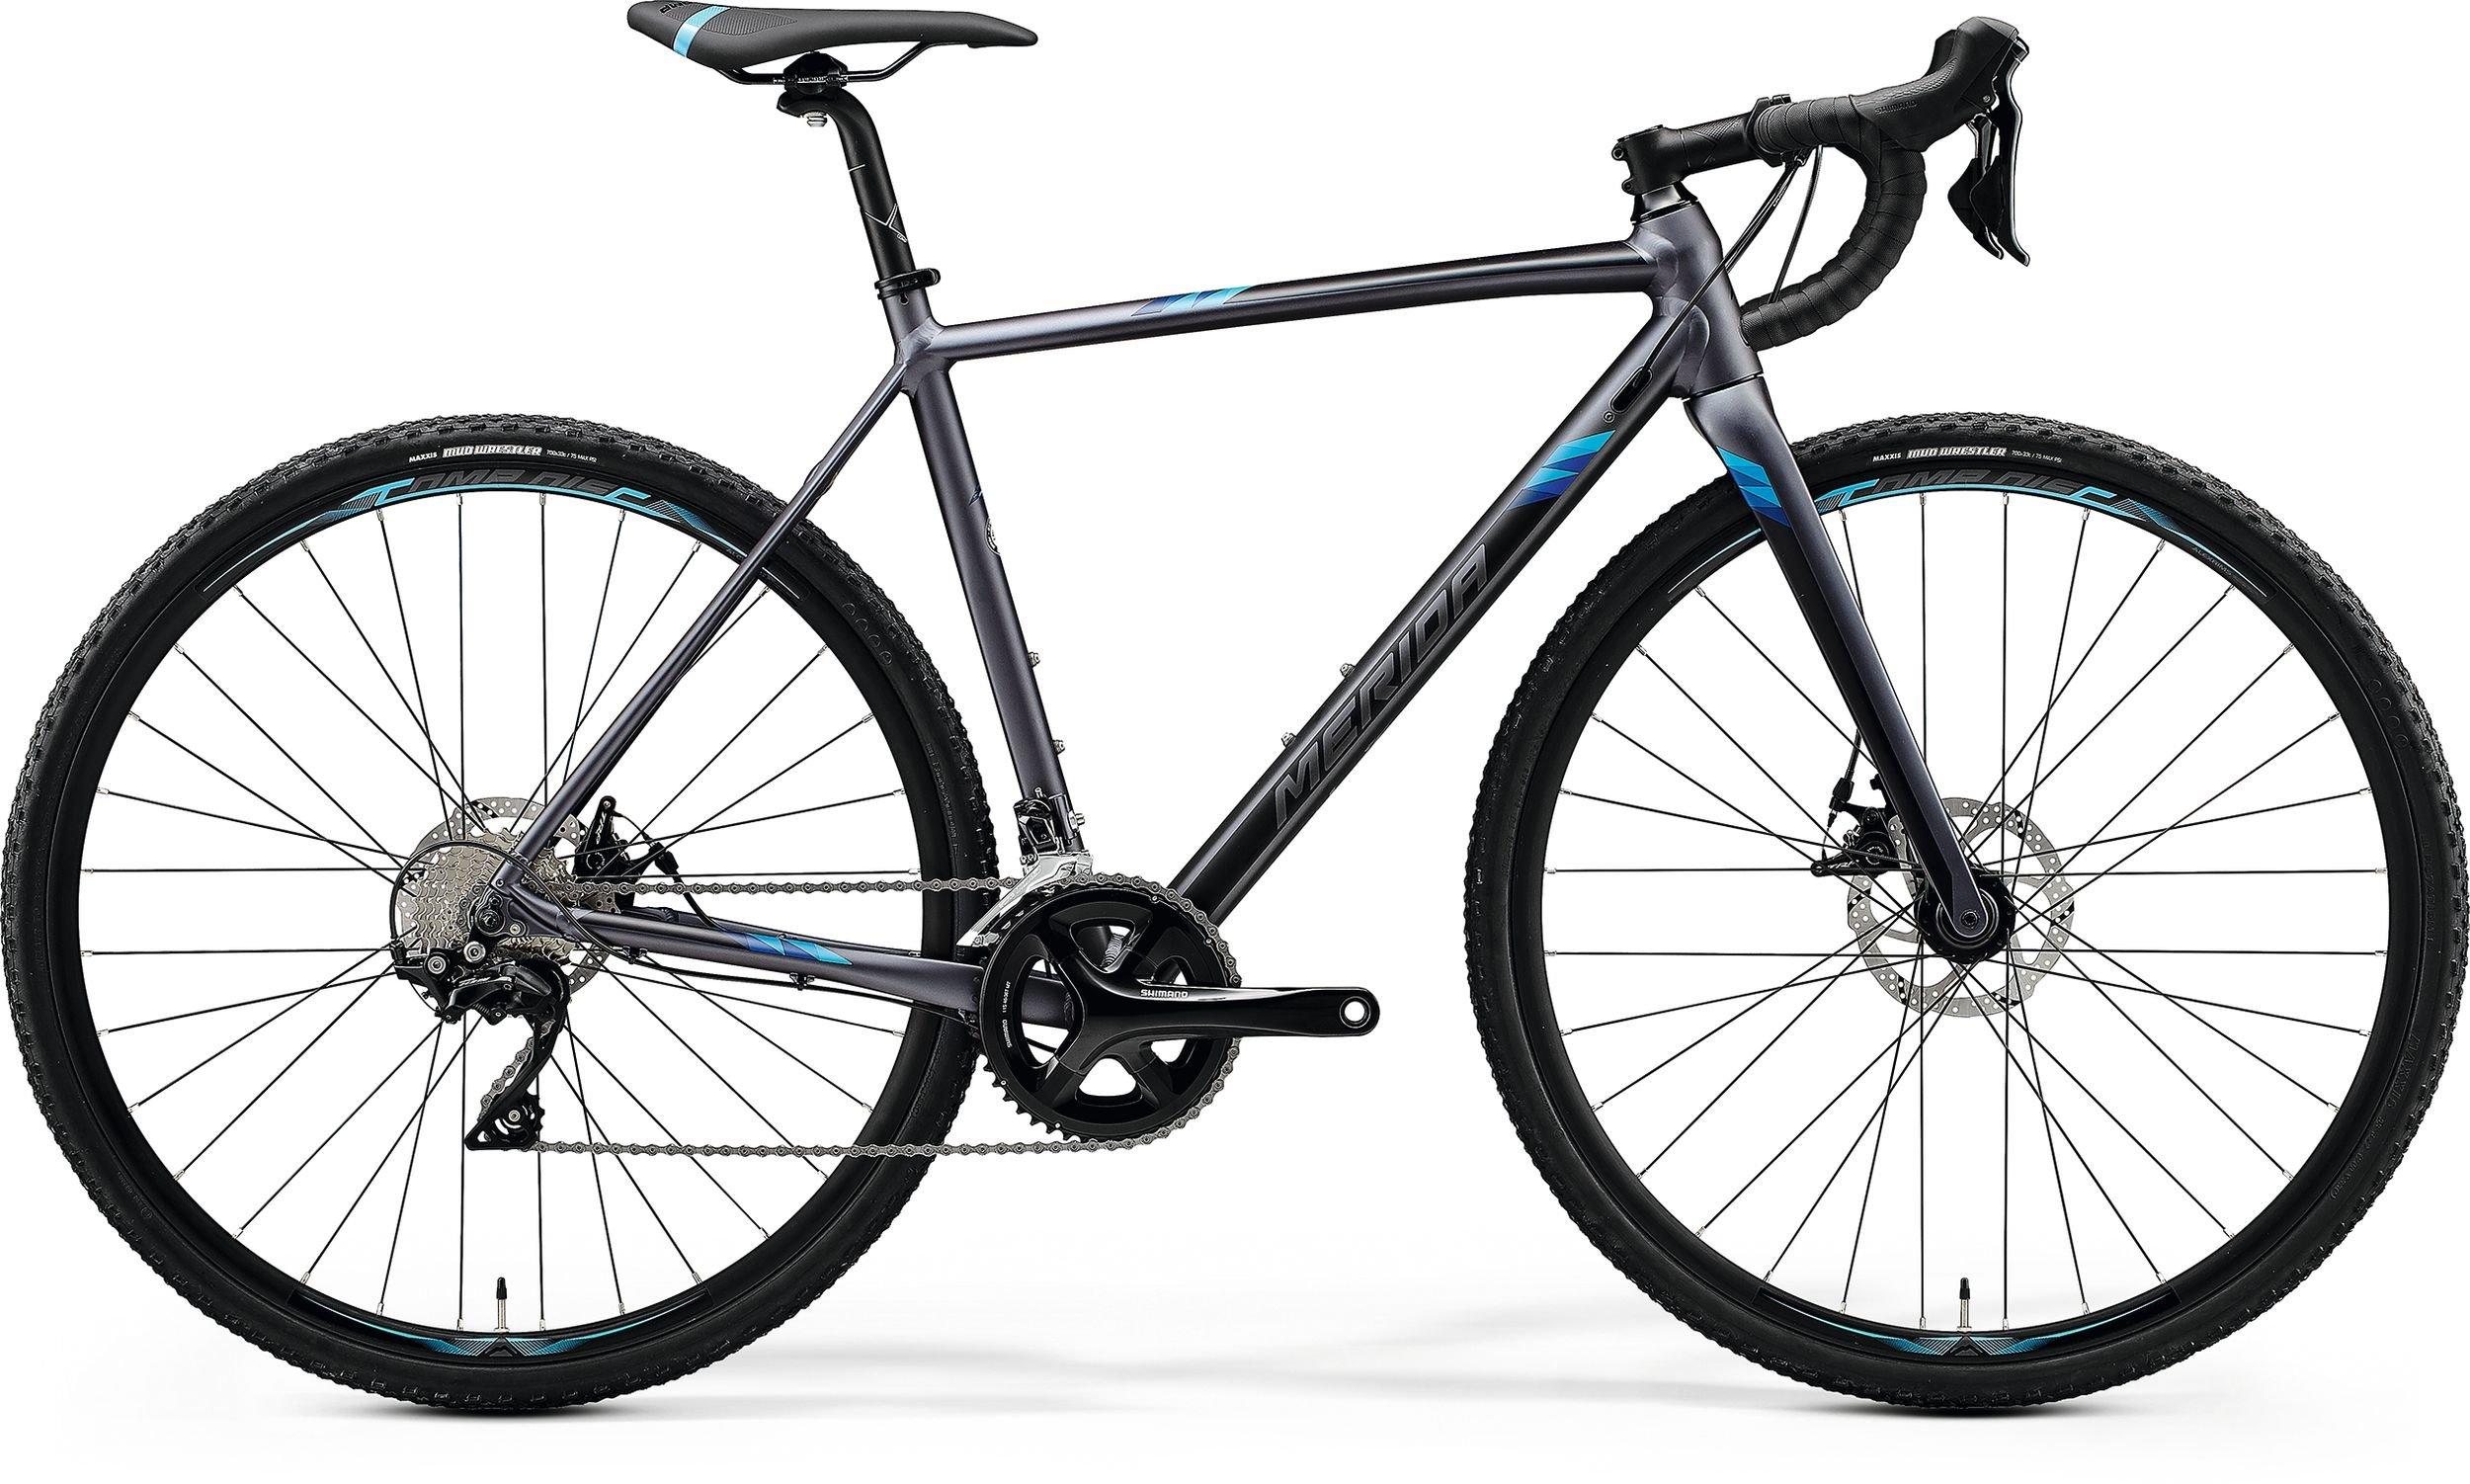 Merida MISSION CX 400 antracitové/modré (190-200 cm)